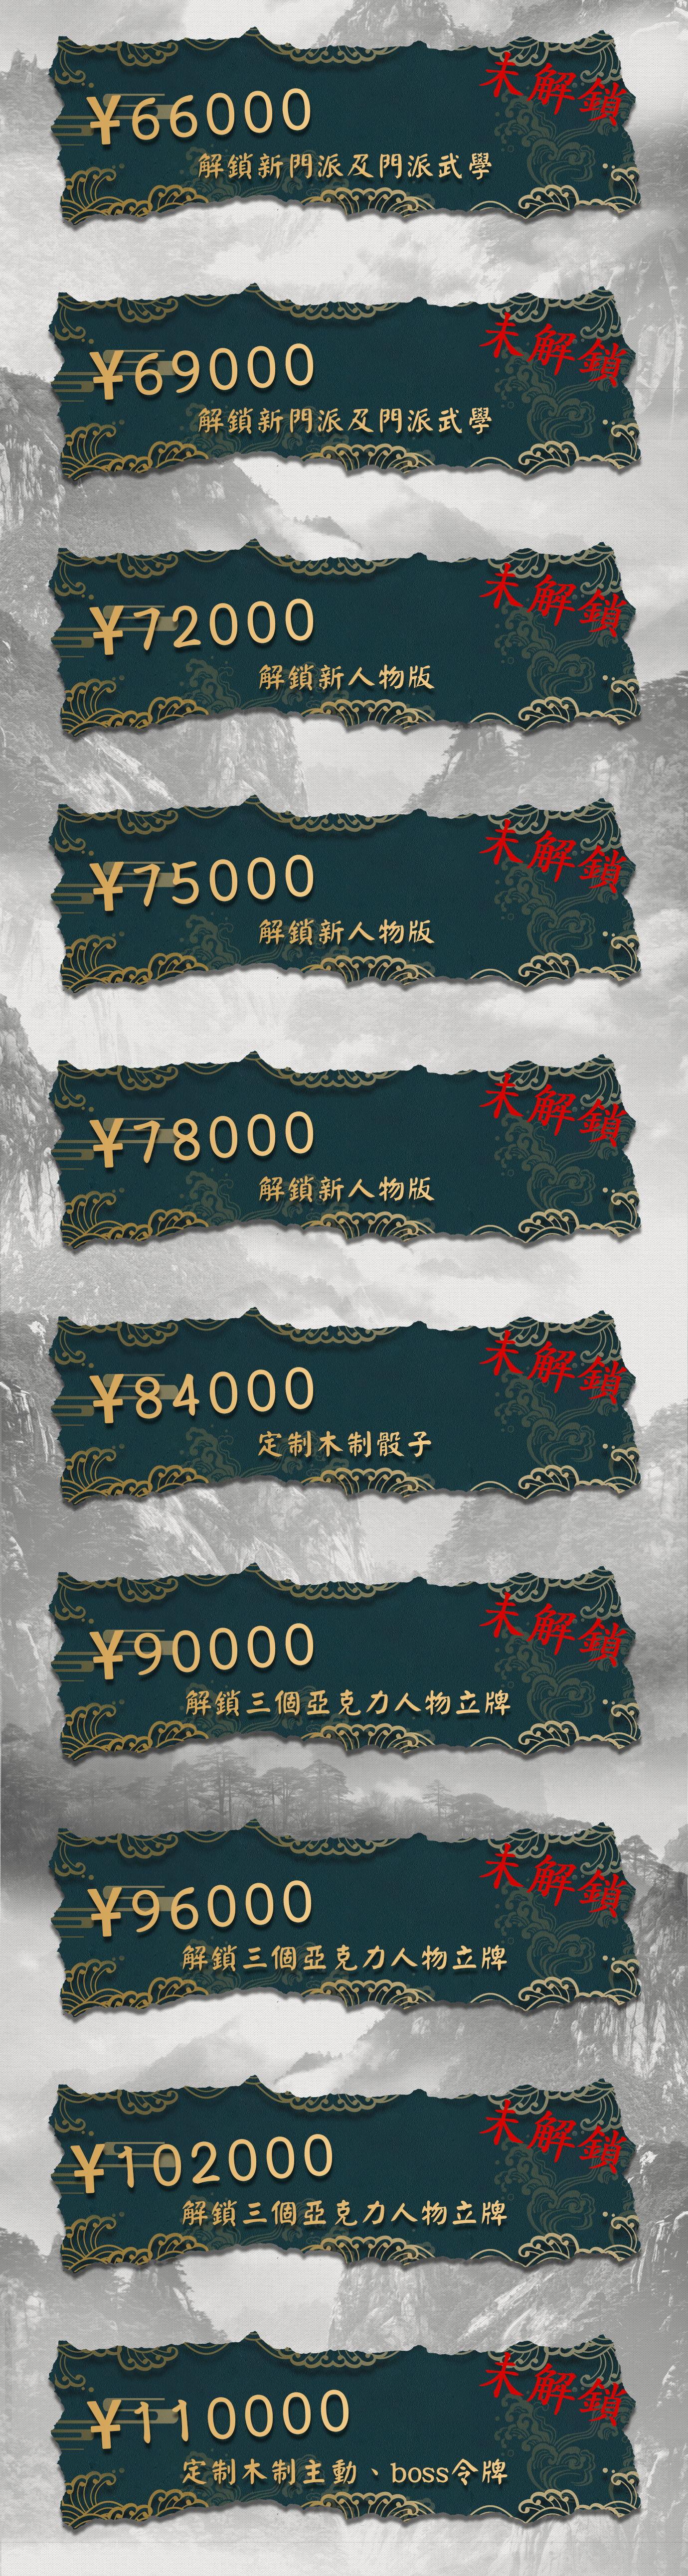 武林风云录众筹解锁3_看图王.jpg